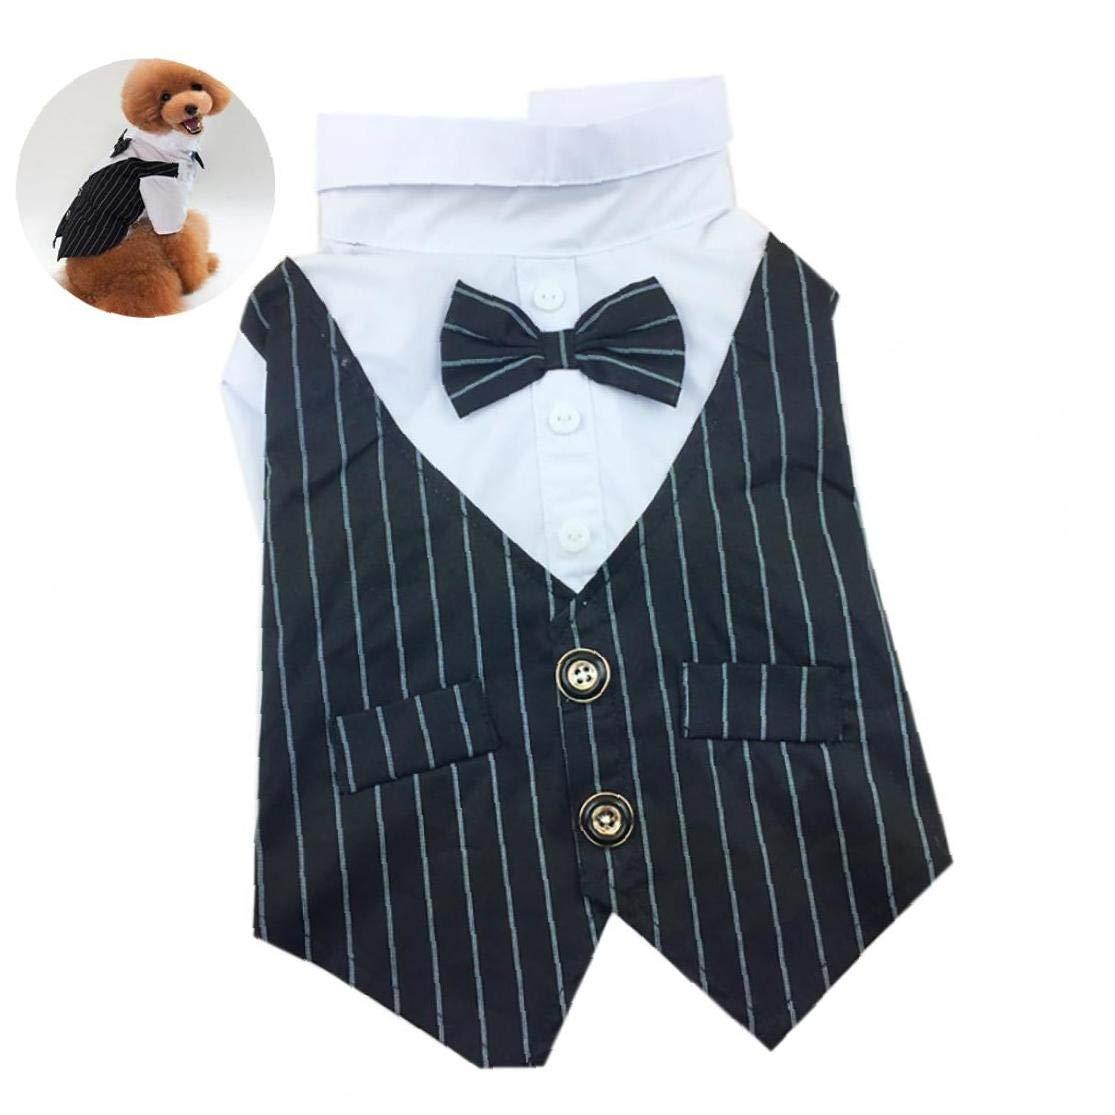 TDlmfRDi Juego Lazo del Traje De Arco Camisa De La Boda del Smoking Formal con Corbata De Negro para Perrito del Animal Doméstico del Perro Pequeño Negro L 1set: Amazon.es: Productos para